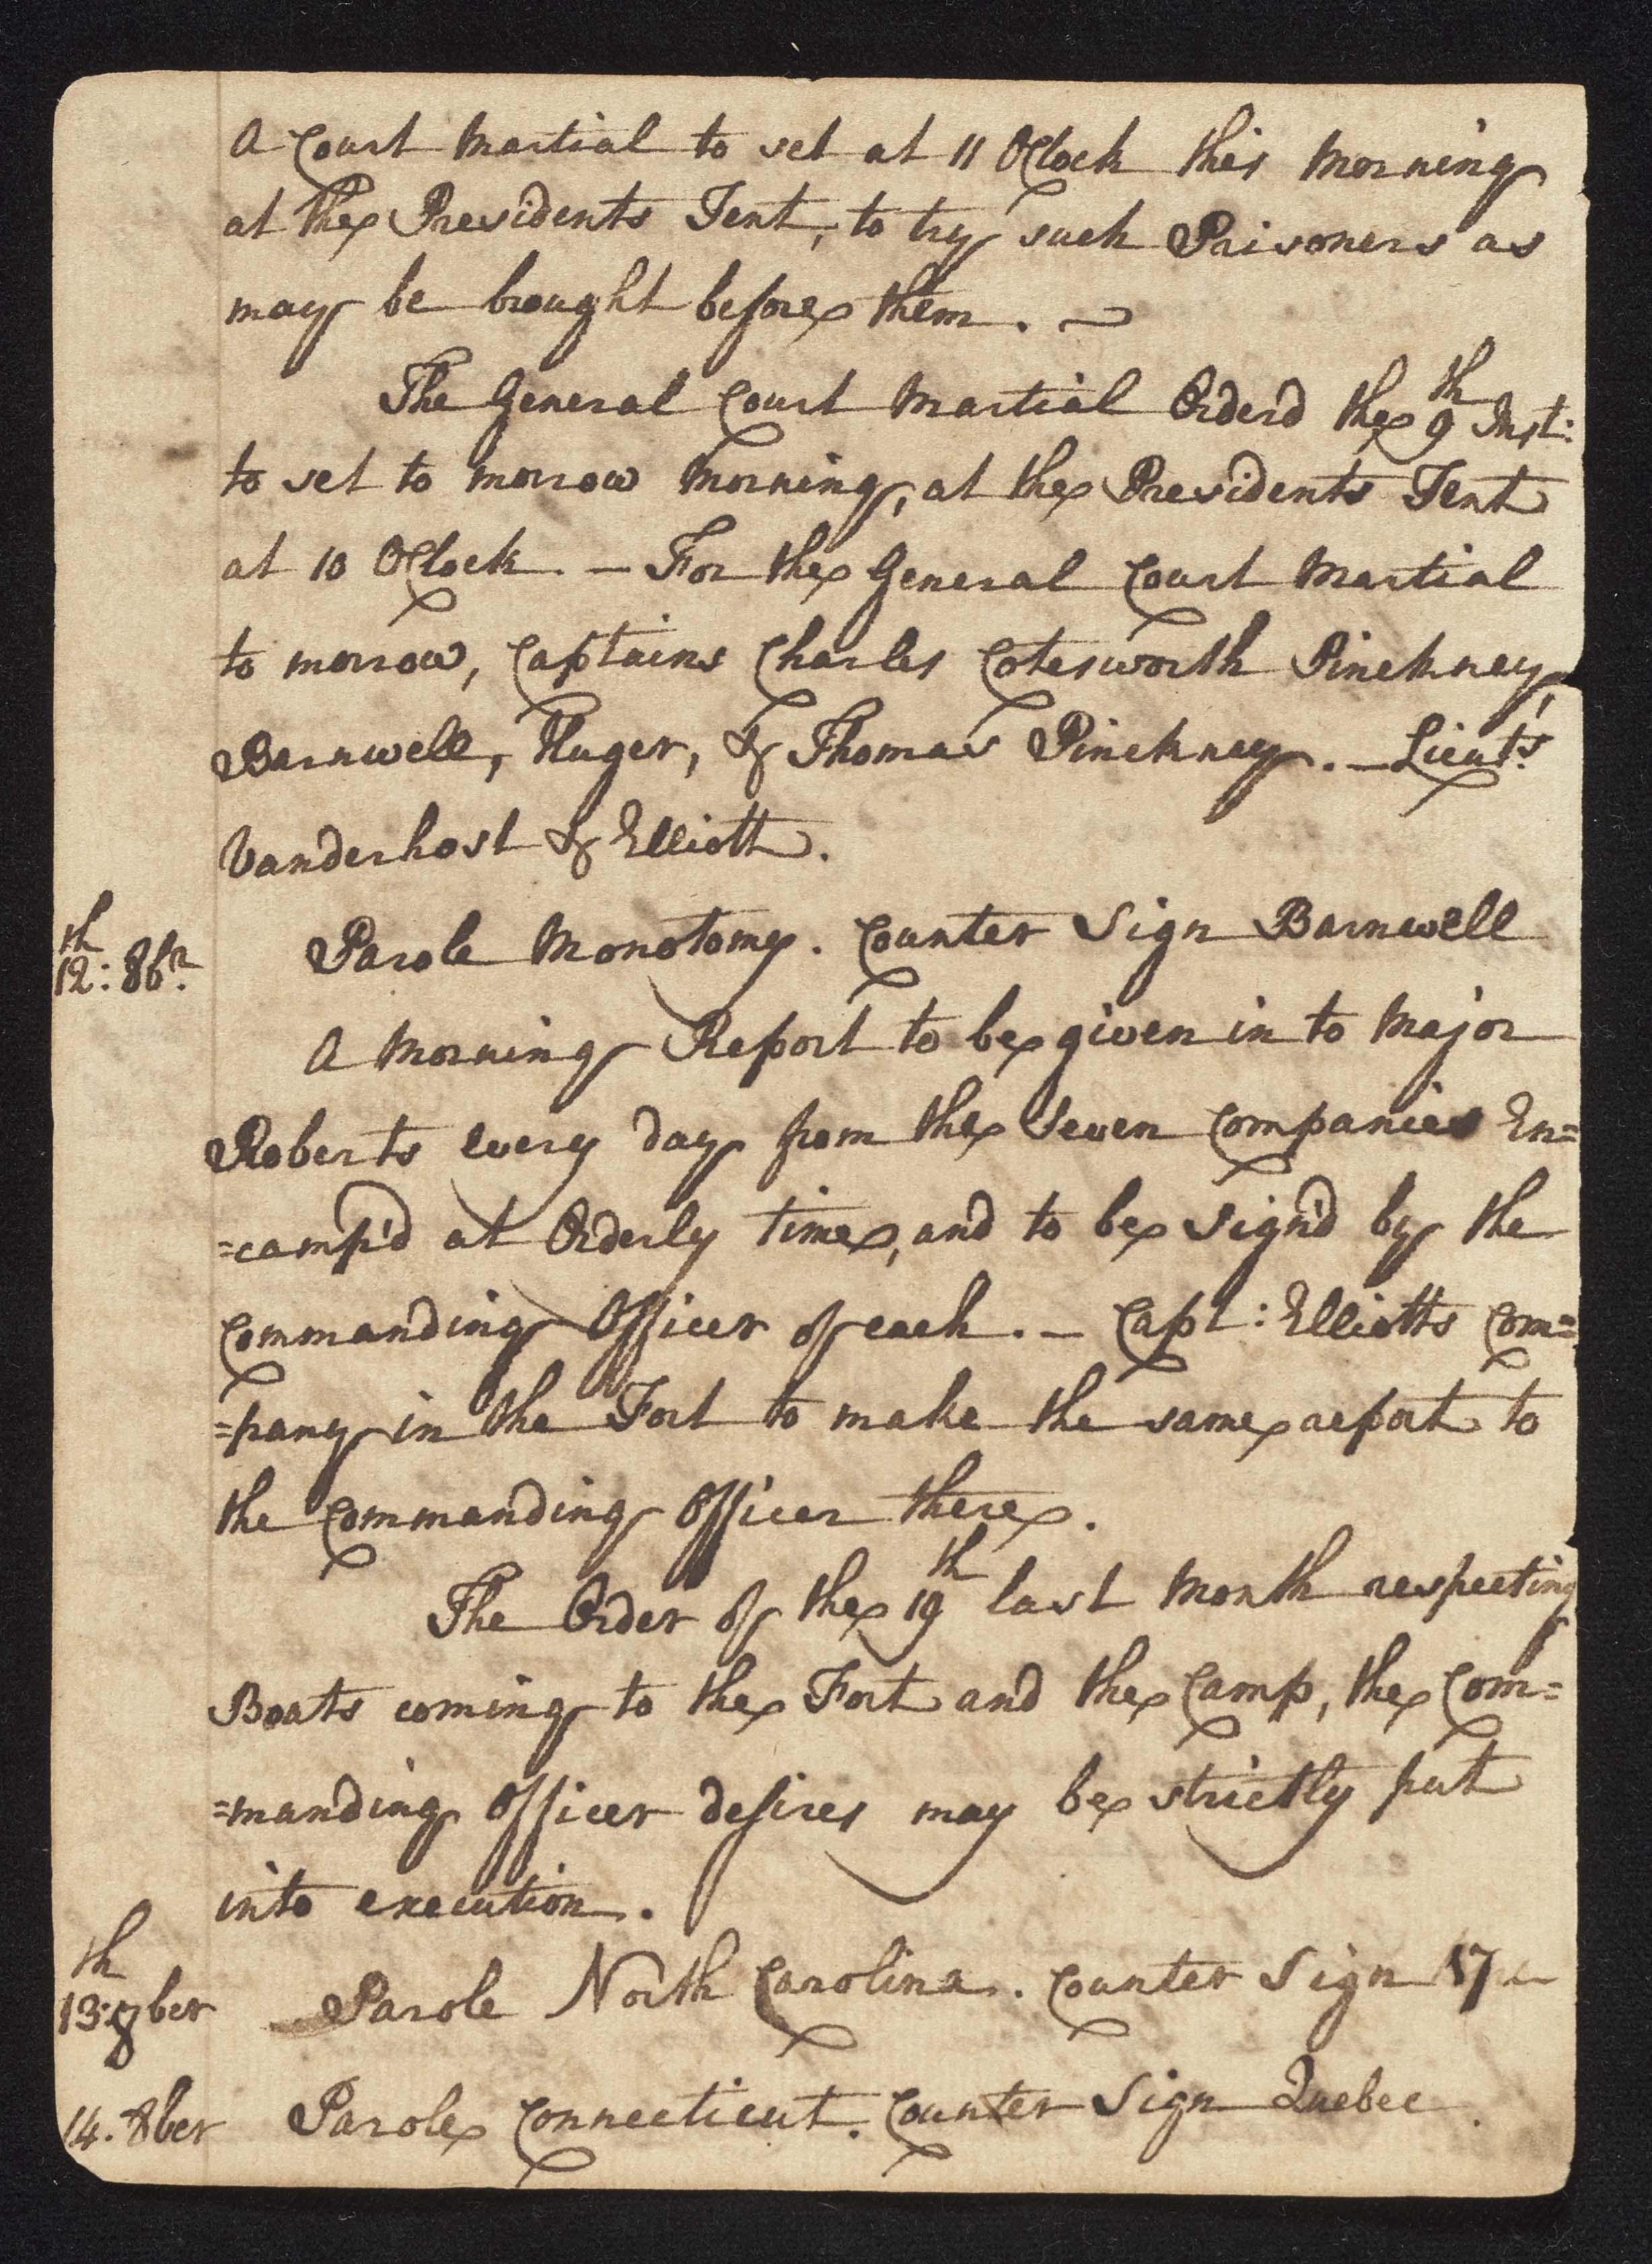 South Carolina Regiment Order Book, Page 30